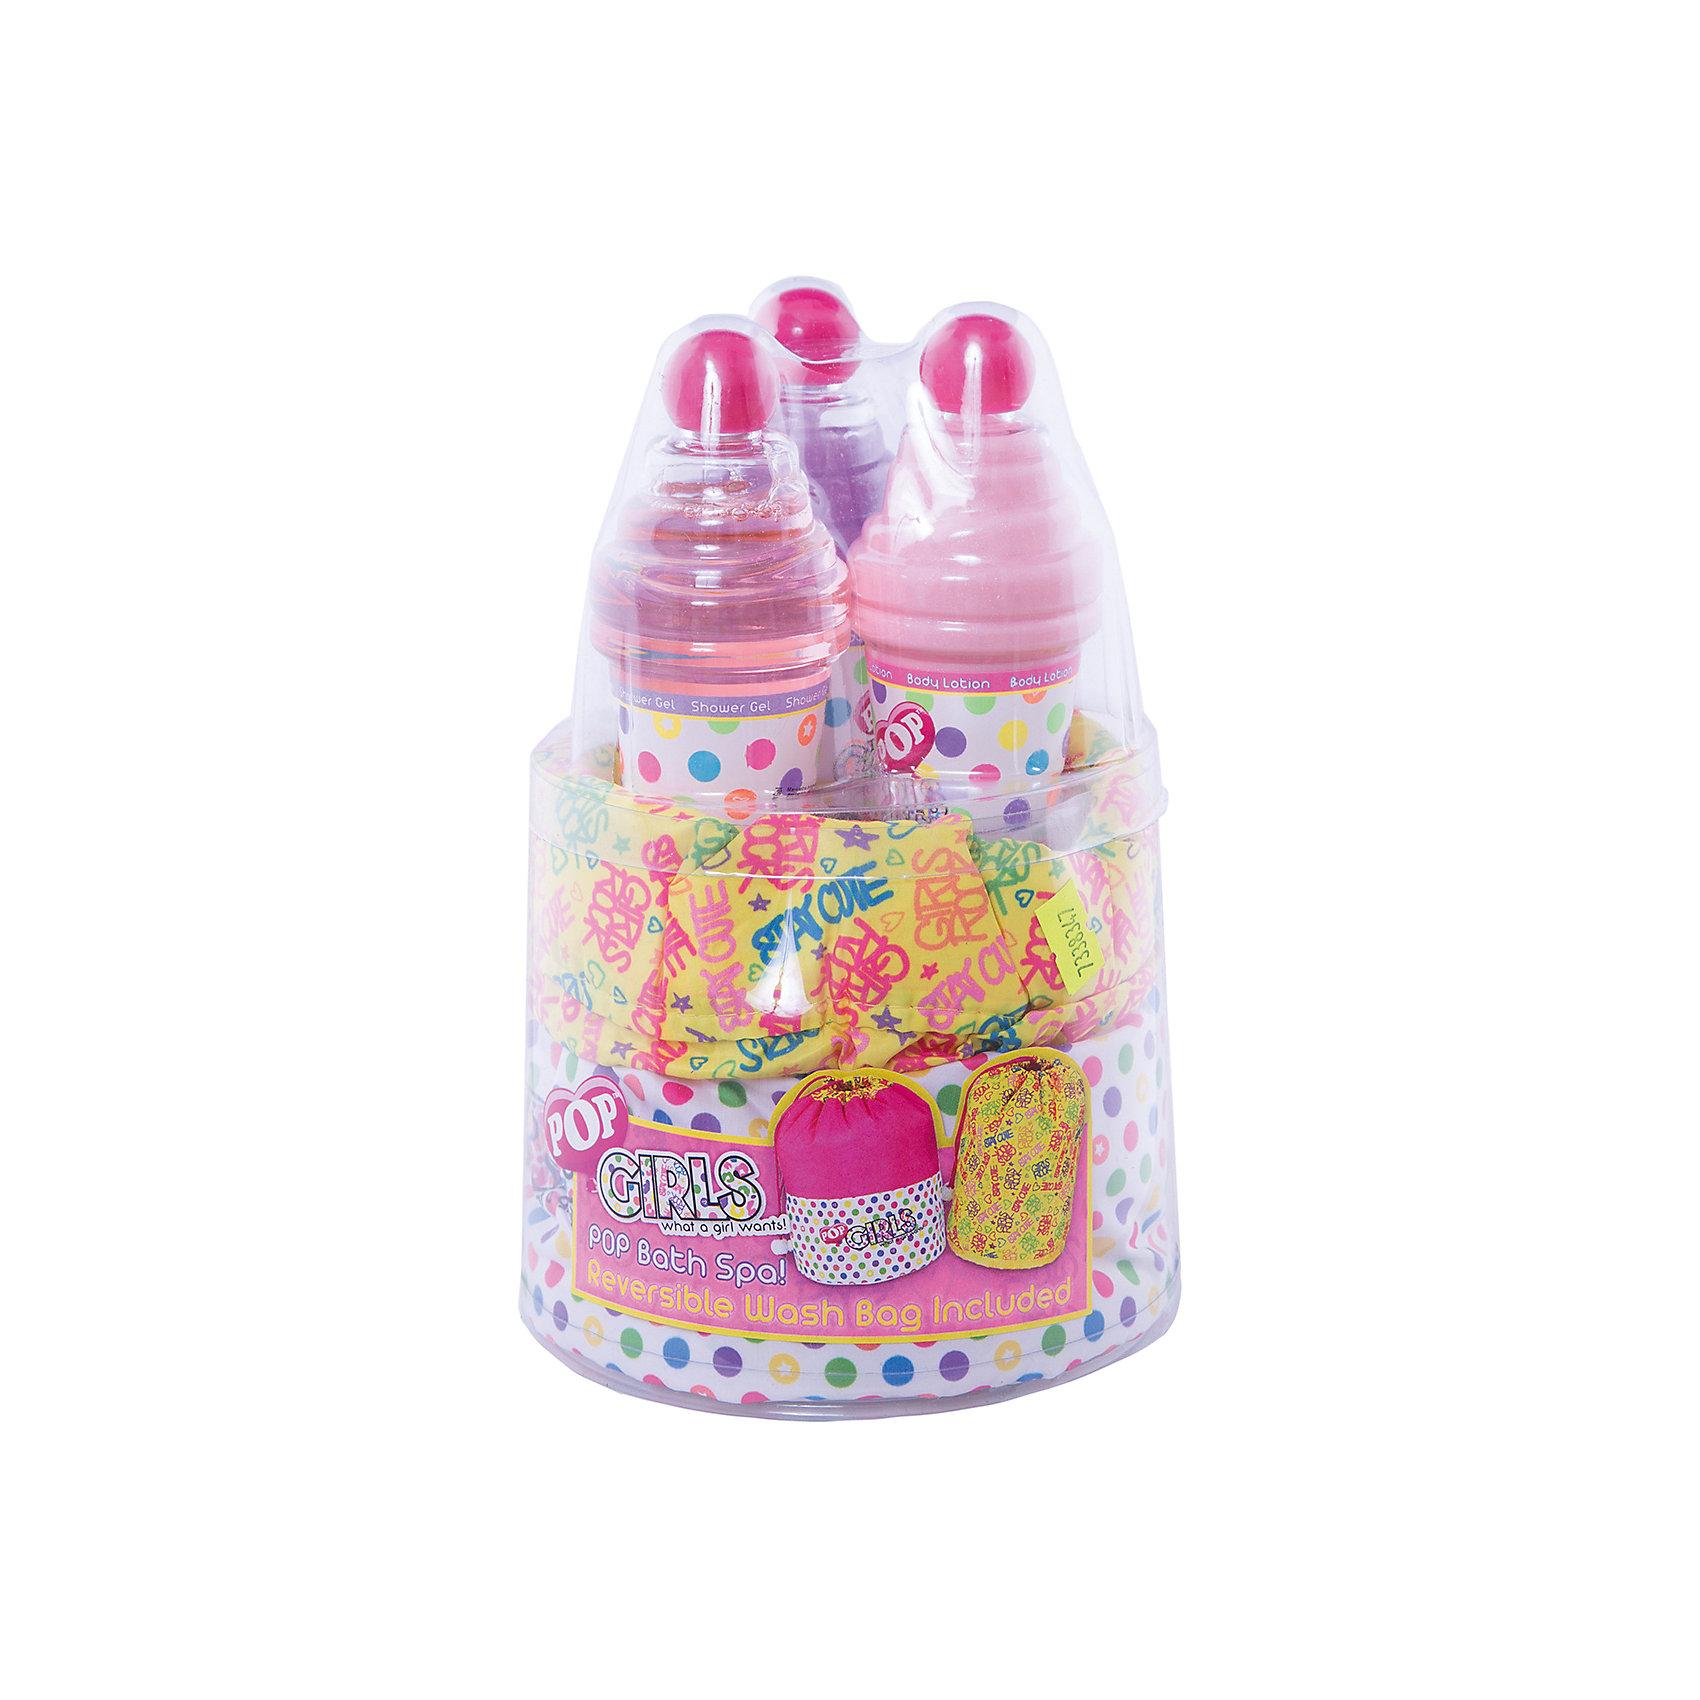 - Игровой набор детской декоративной косметики POP для душа winx club набор детской декоративной косметики радужное сияние